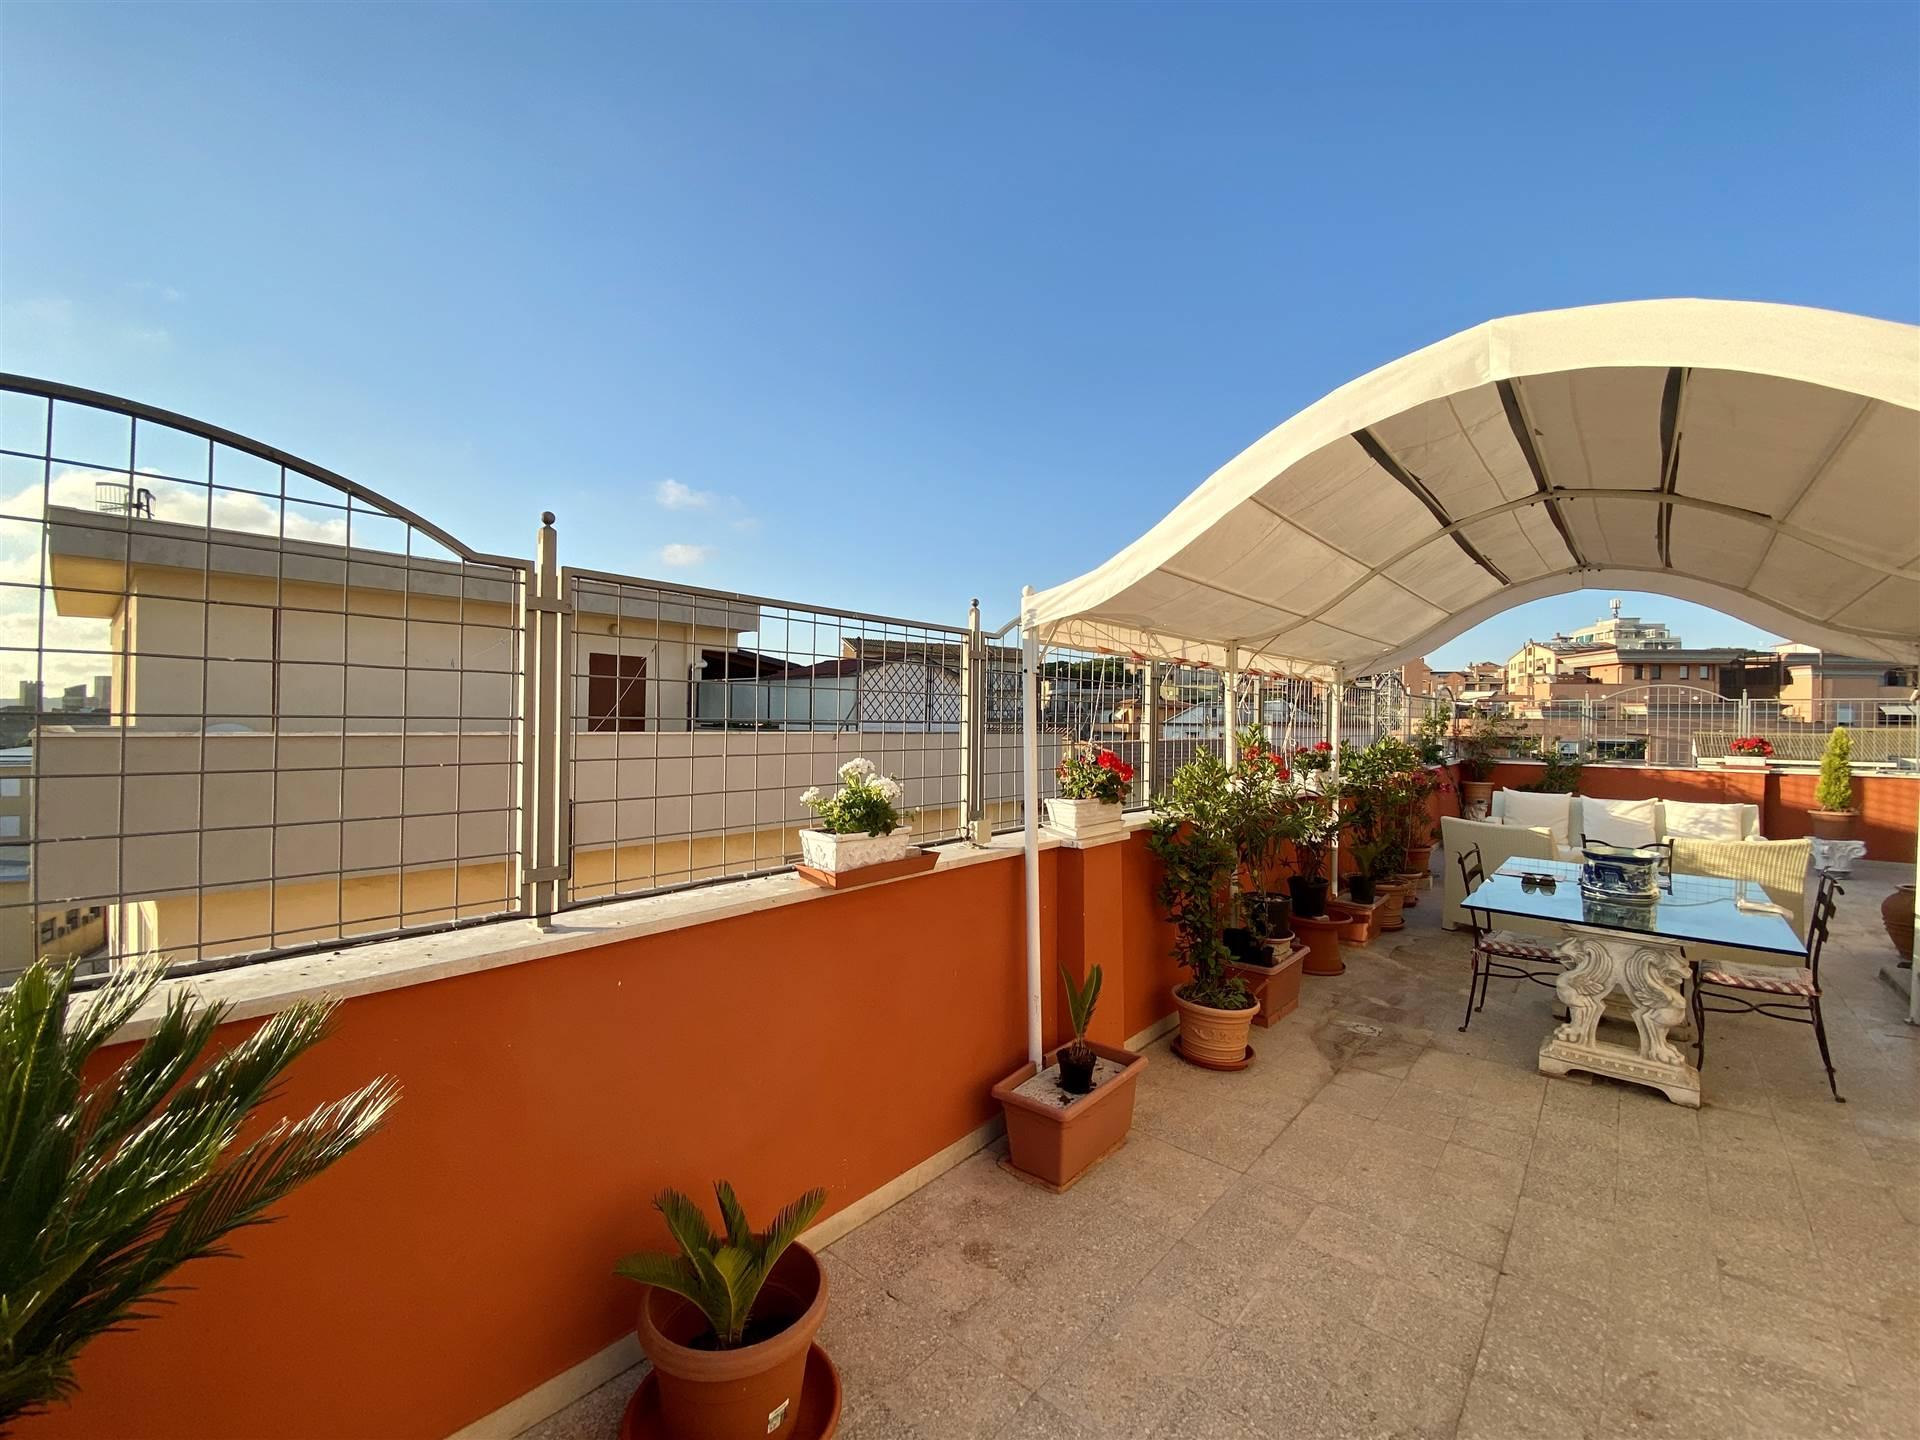 Attico / Mansarda in vendita a Tarquinia, 4 locali, prezzo € 155.000   PortaleAgenzieImmobiliari.it